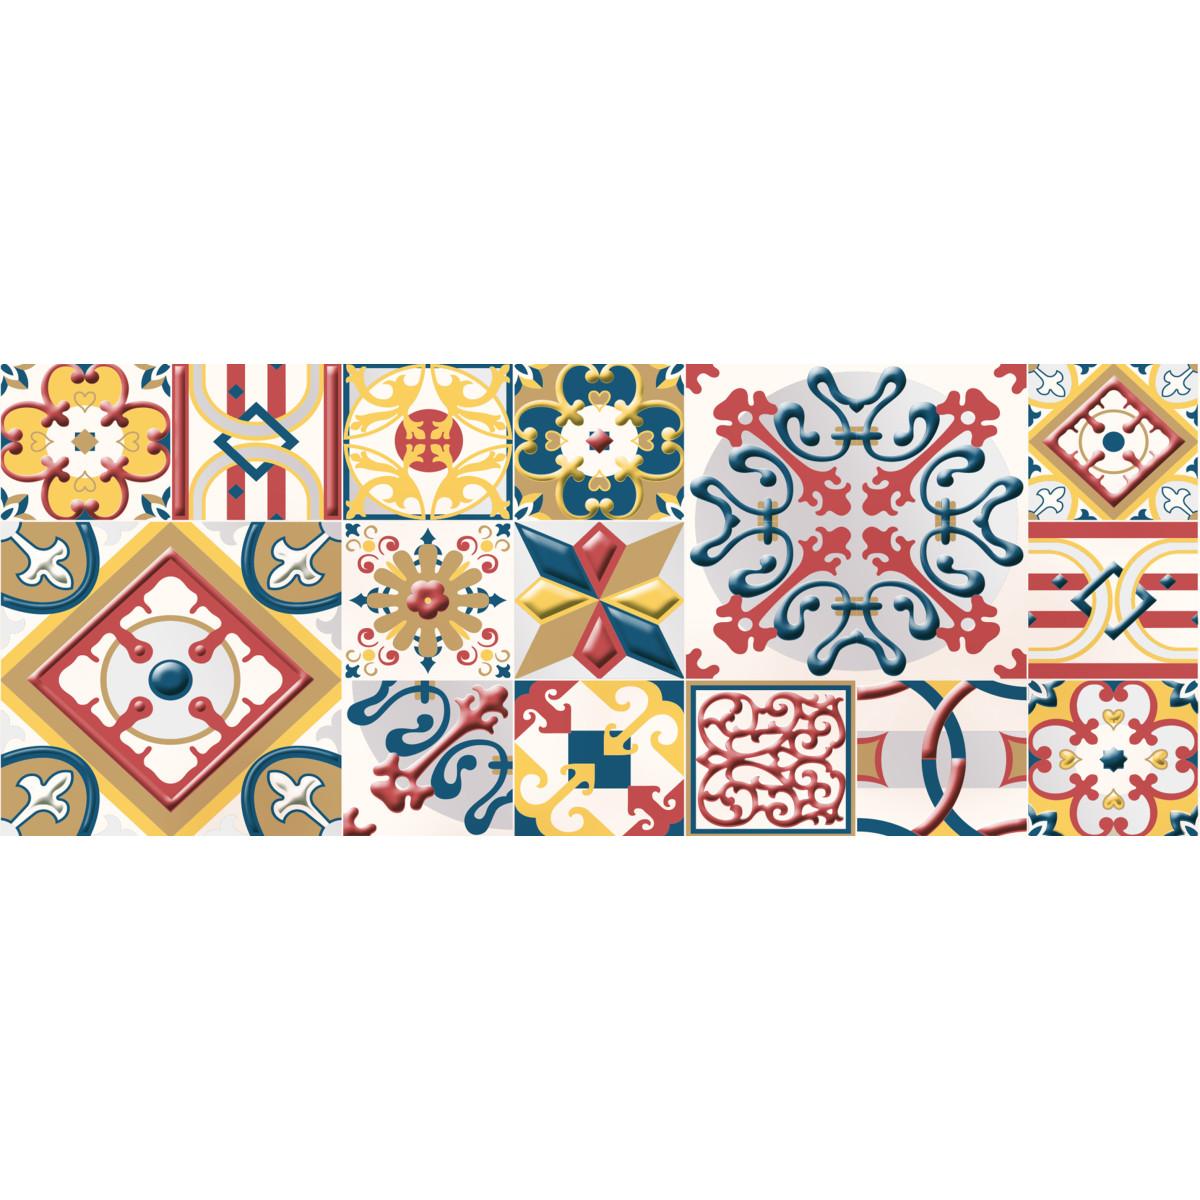 Декор настенный Azori «Festa Maiolica» 20.1x50.5 см разноцветный